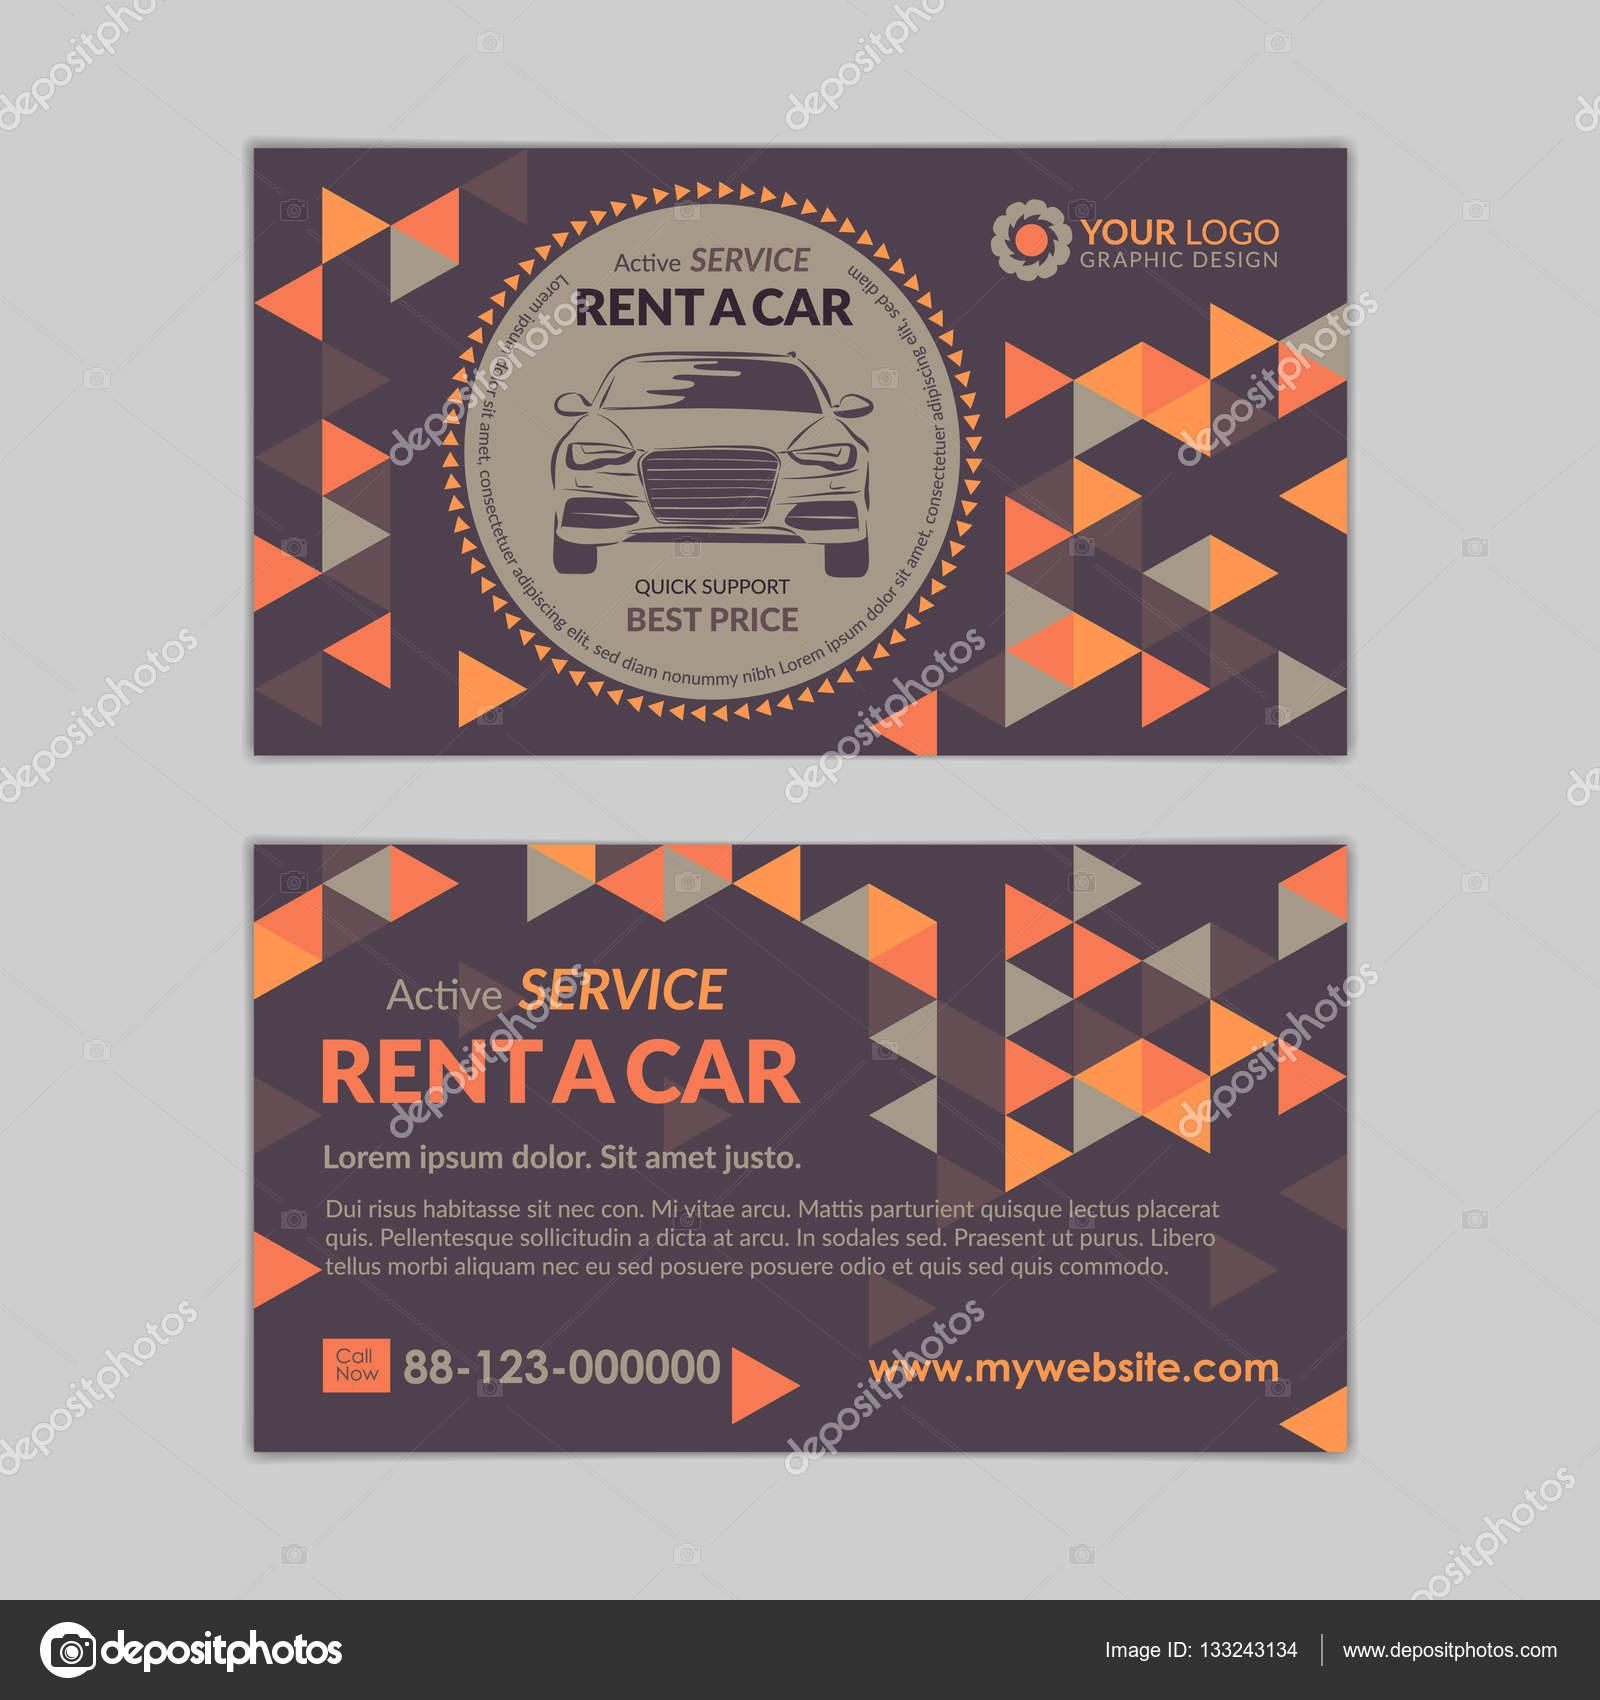 Huur Een Auto Sjabloon Voor Visitekaartjes Met Abstracte Geometrie